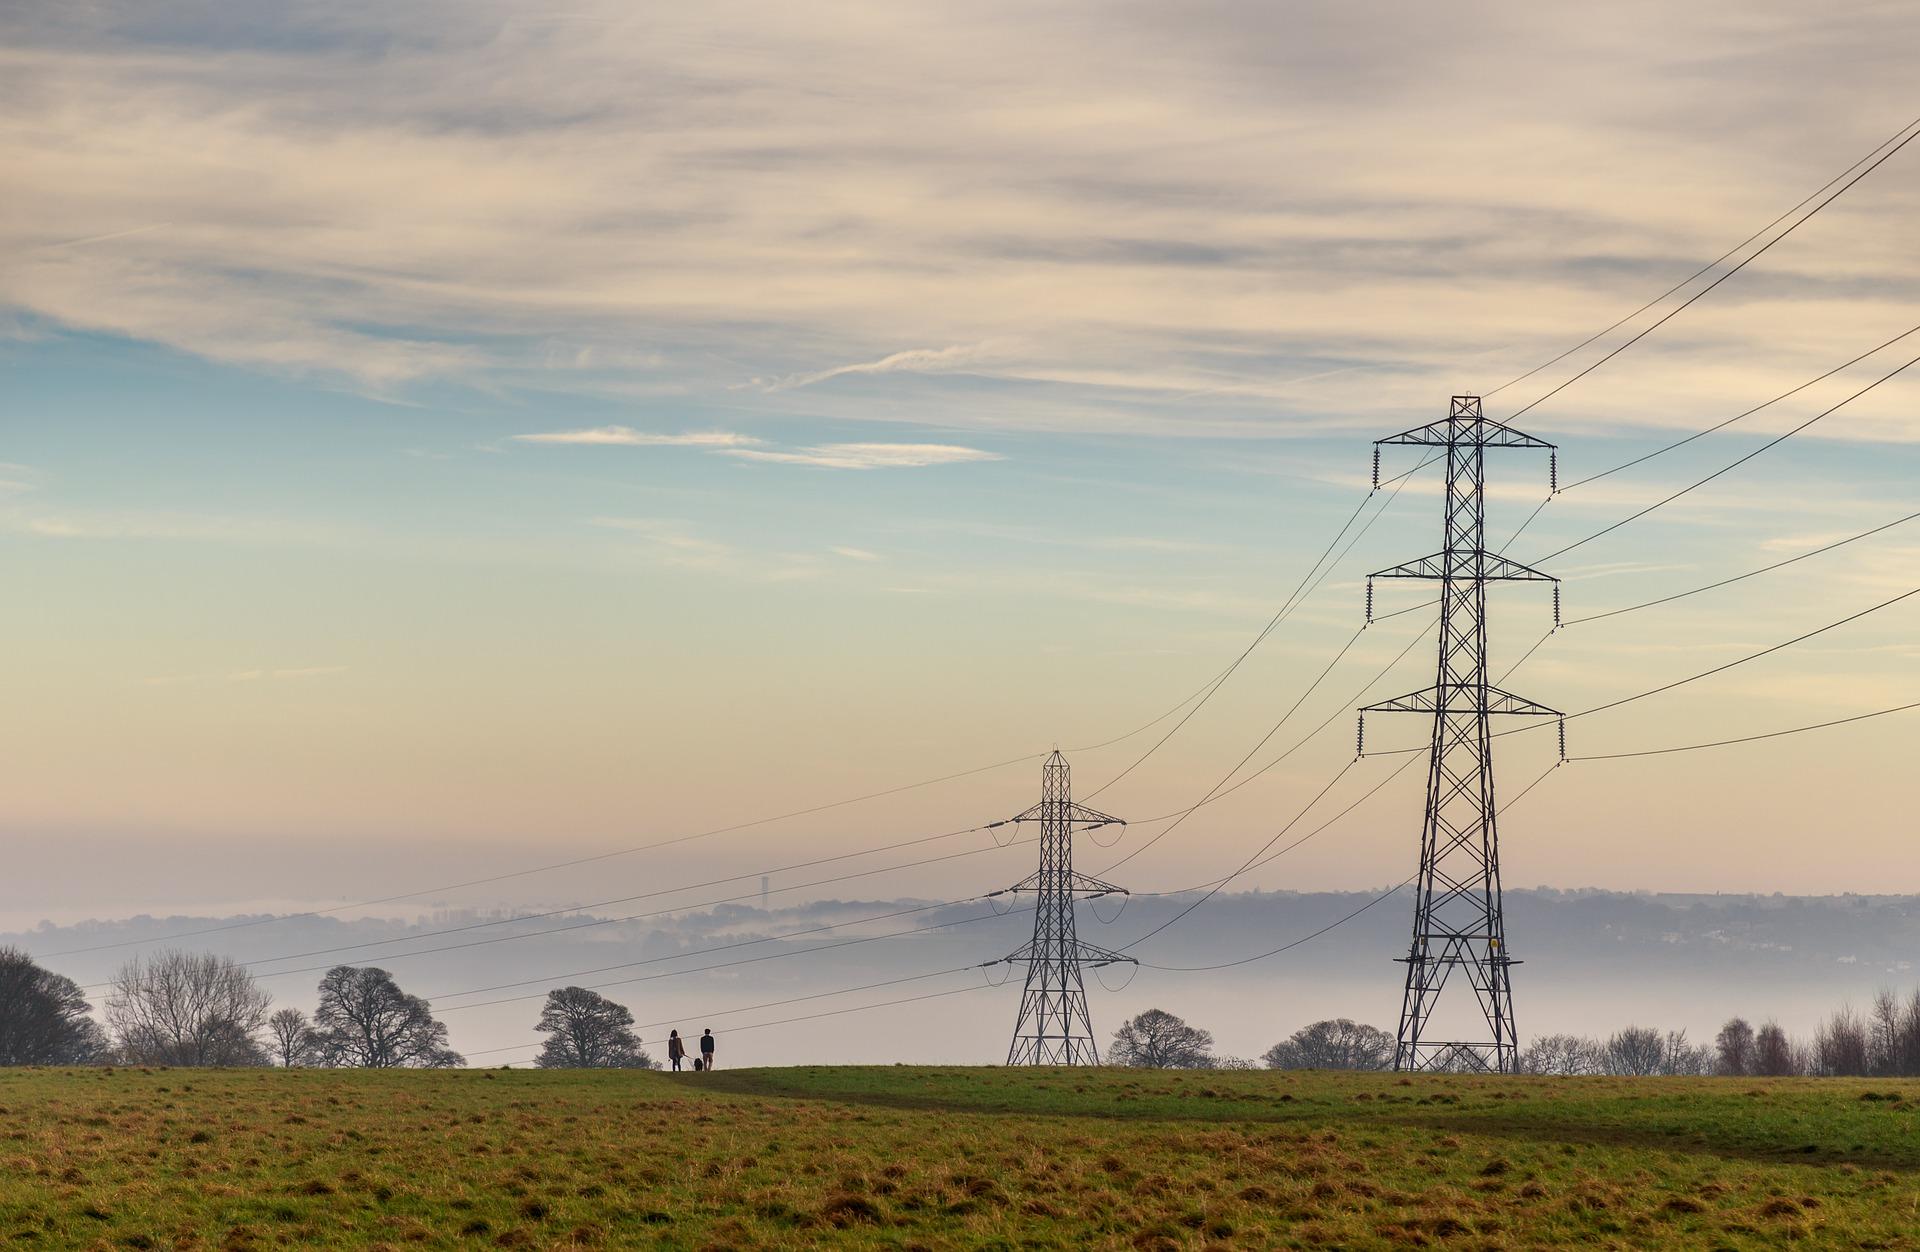 Belasting op masten en pylonen